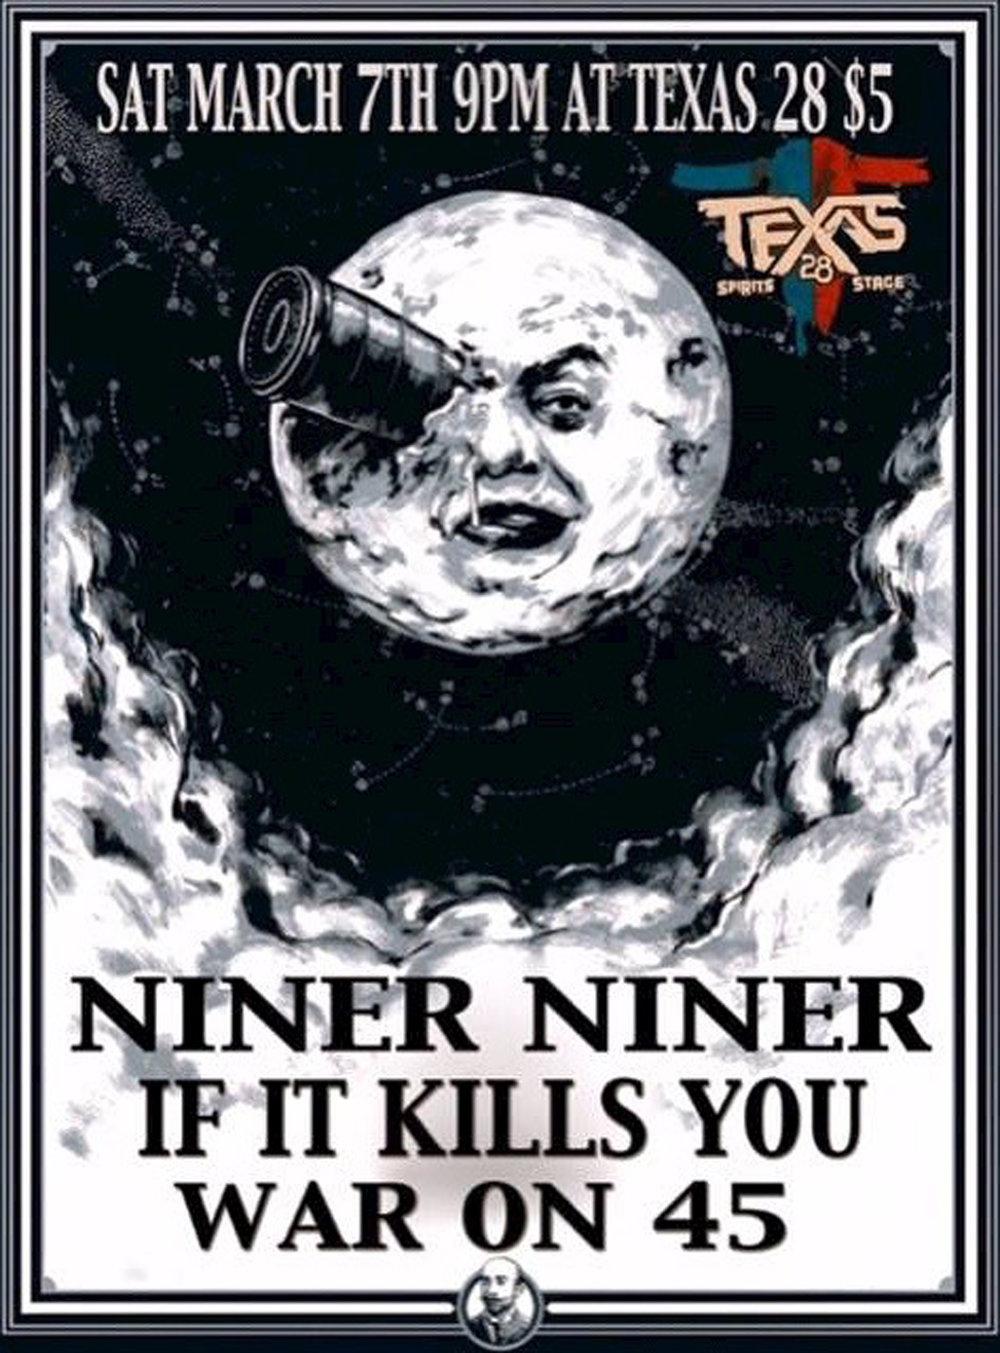 NINER NINER SHOW.jpg